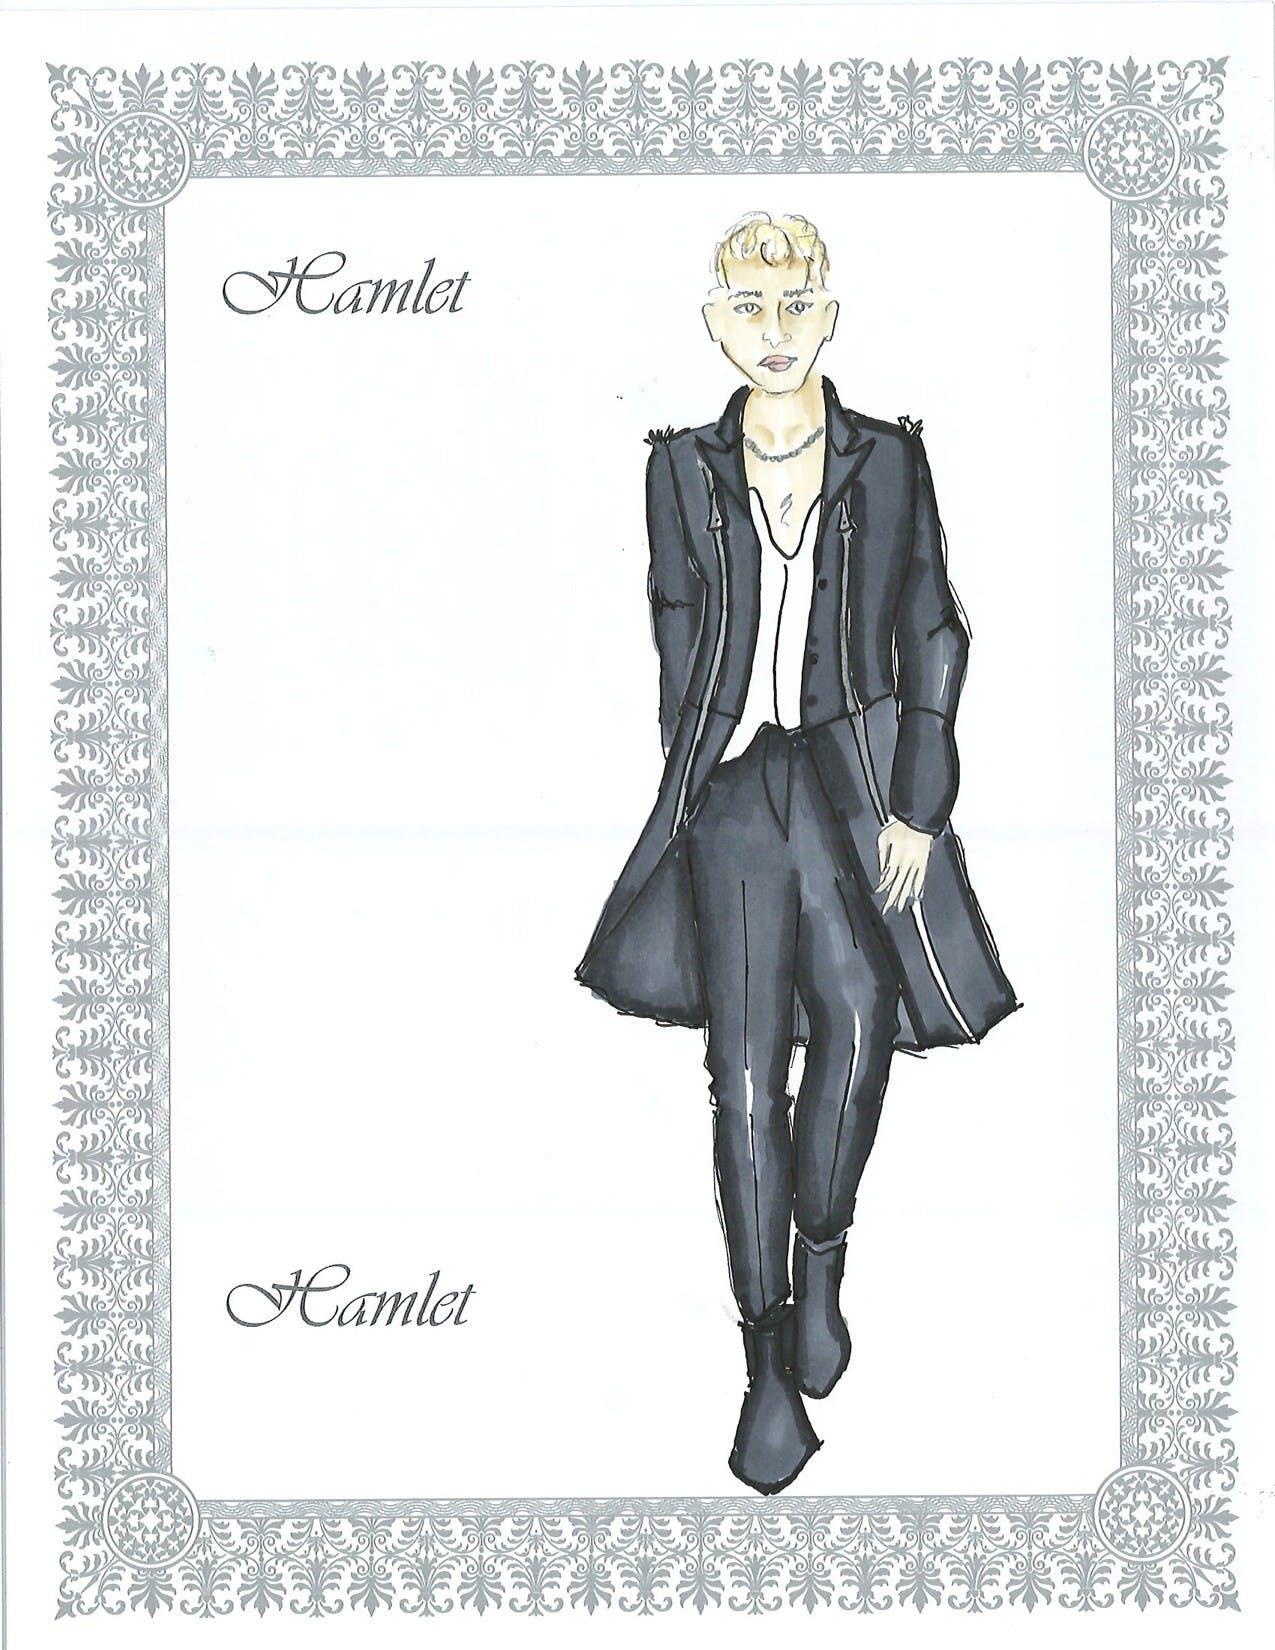 Hamlet costume design